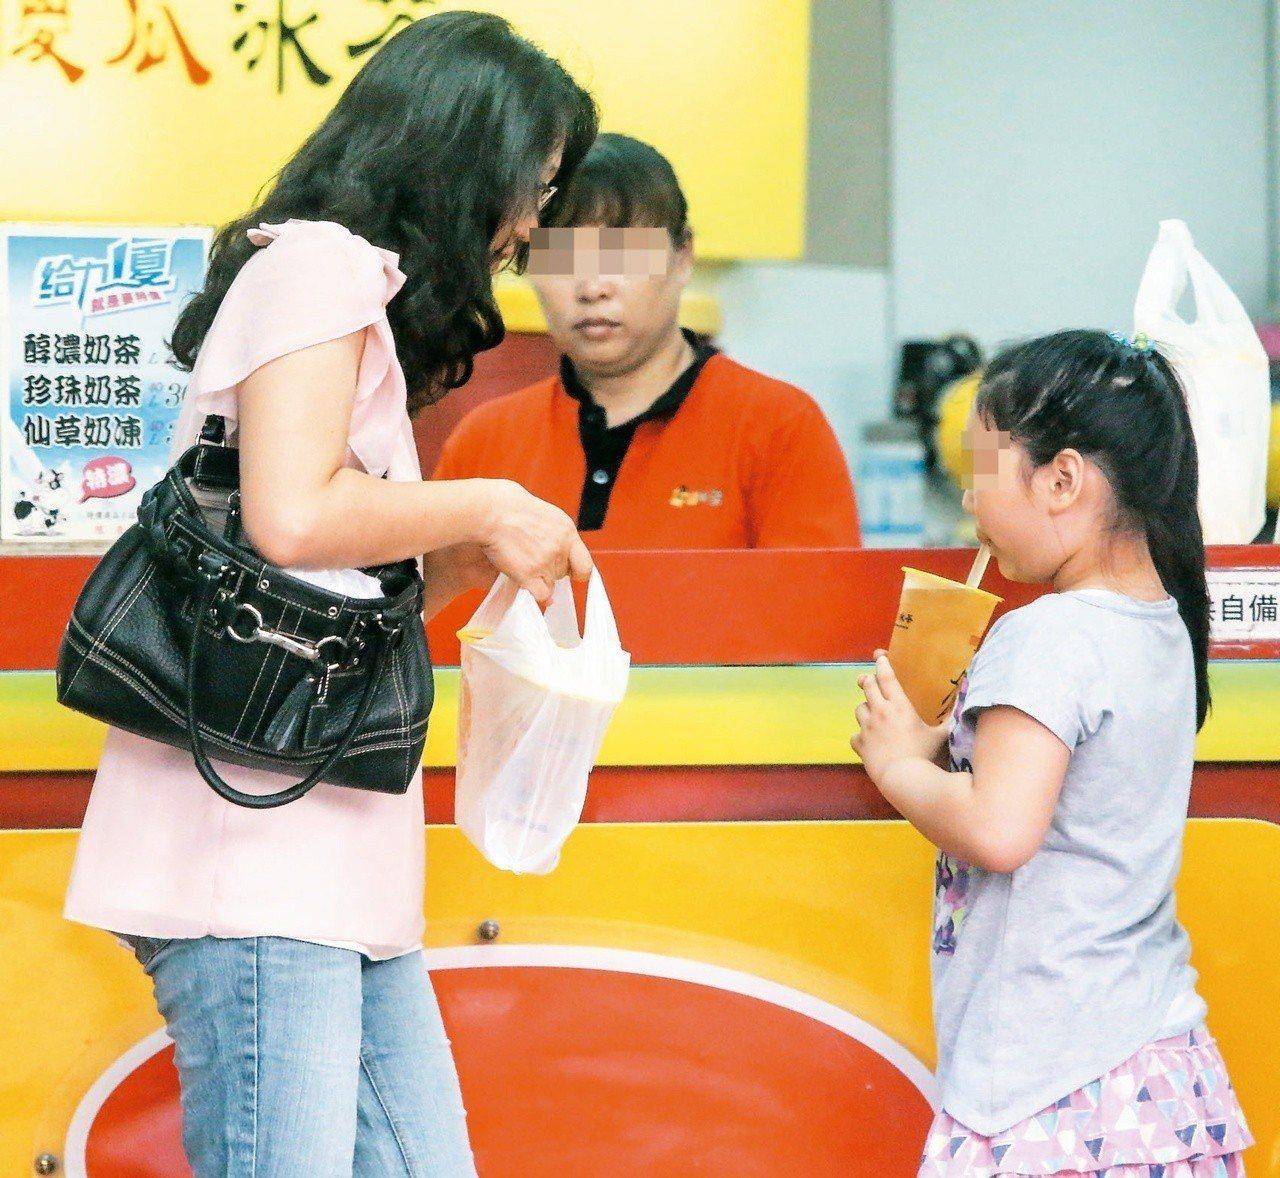 預防性早熟首先要從孩子體重控制起,並避免接觸環境荷爾蒙,例如使用塑膠產品;圖非當...